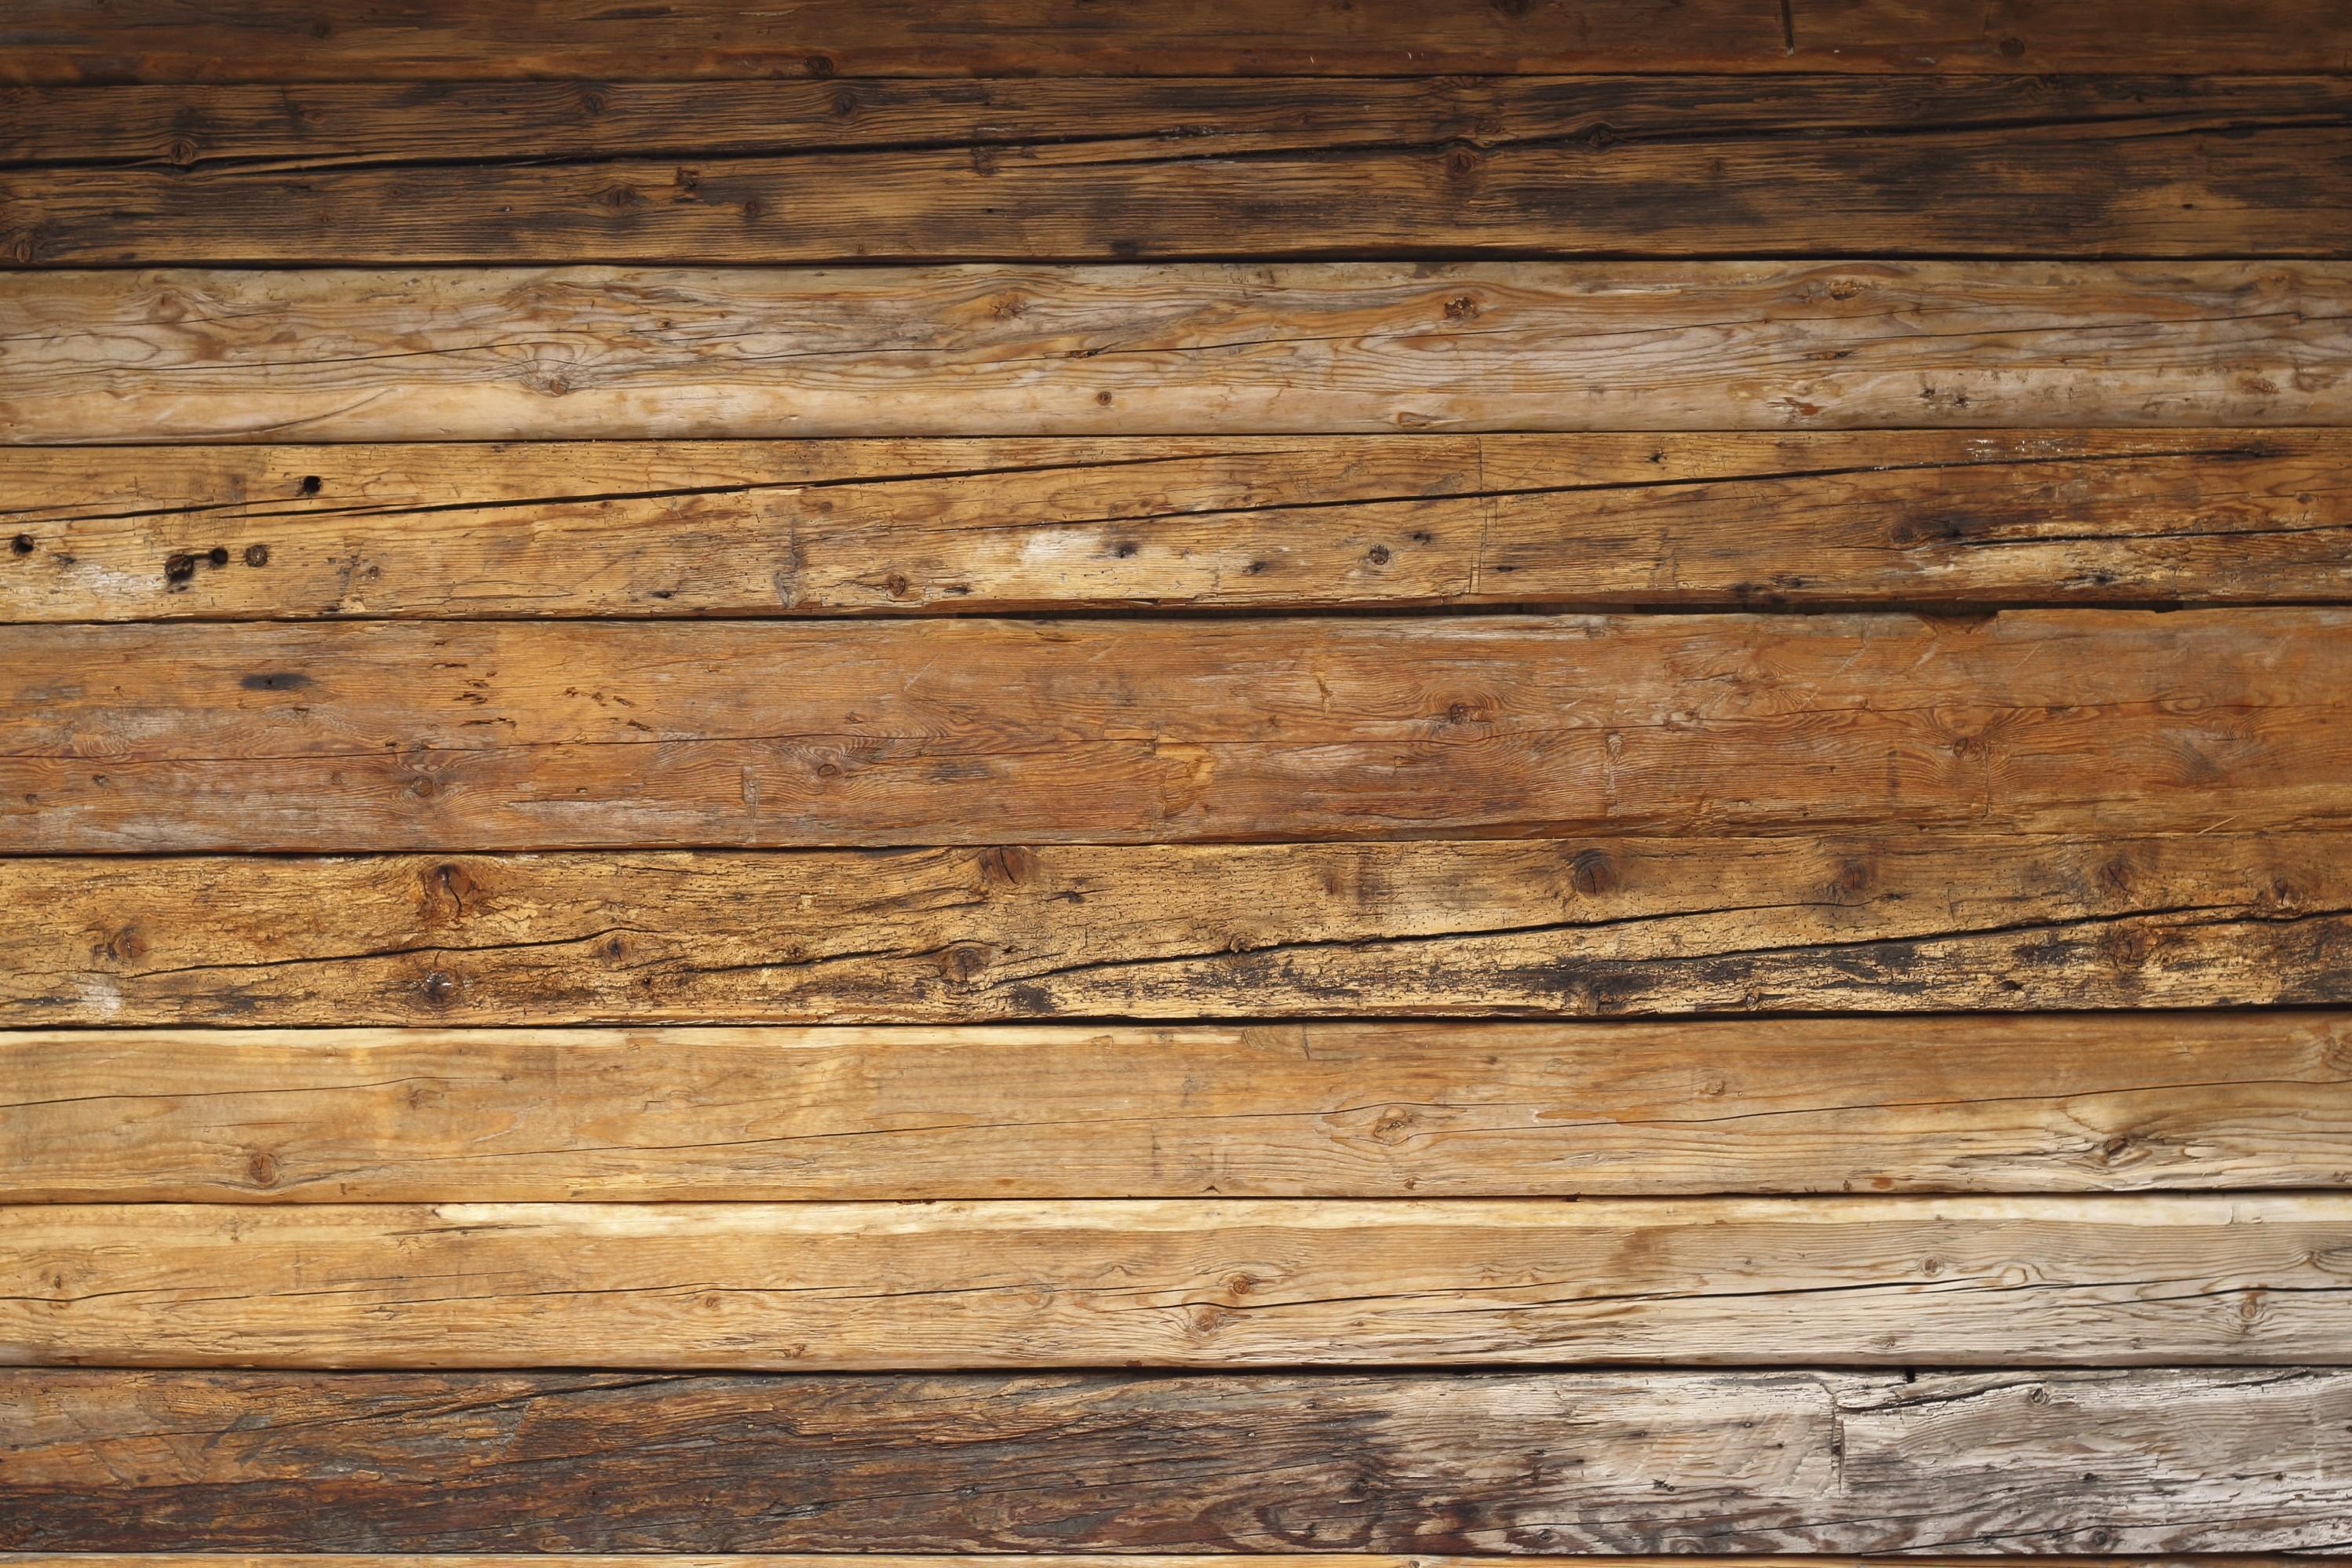 Assi Di Legno Hd : Per lauasse di legno assi di legno ruvido per un tavolo assi di